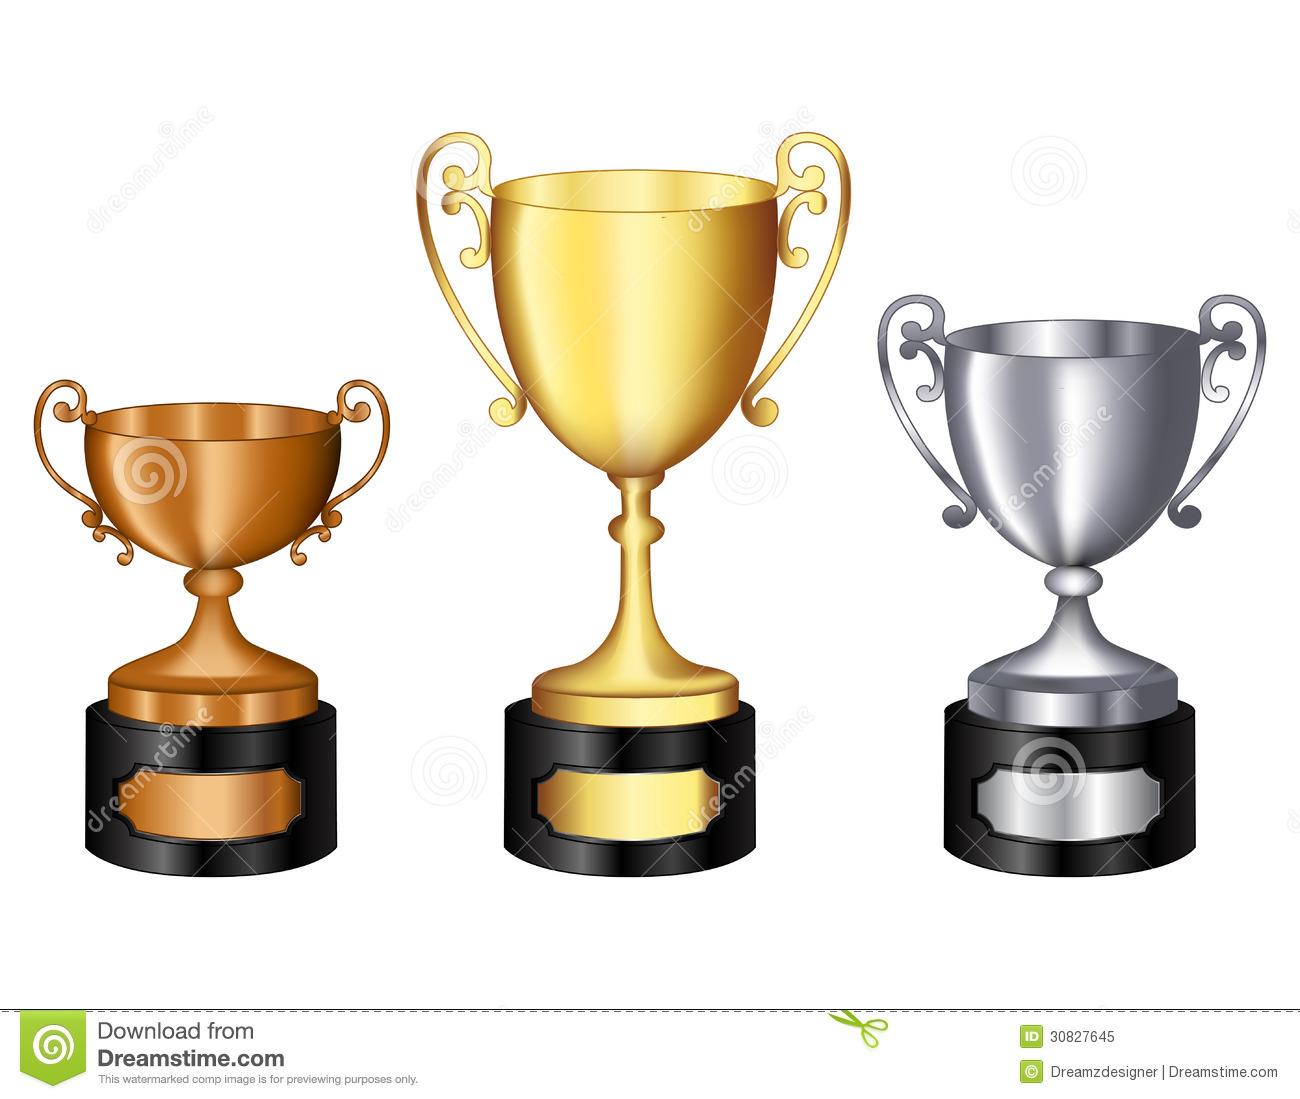 Bronze trophy clipart.